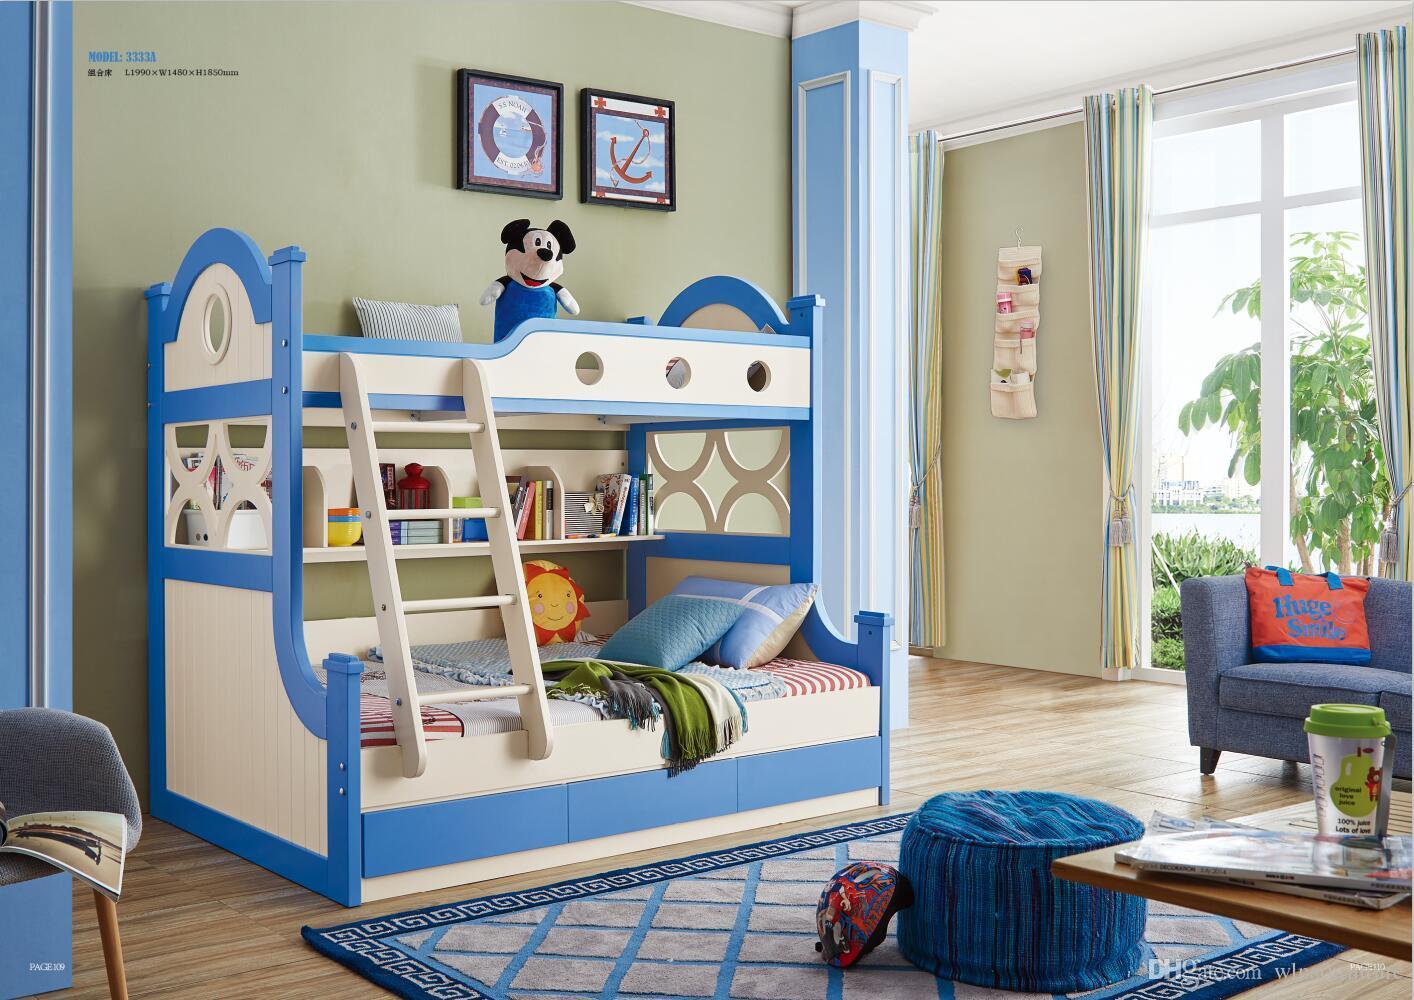 Mobili per camera da letto per bambini in legno di frassino letti per  bambini in legno massello con cassetti per le scale